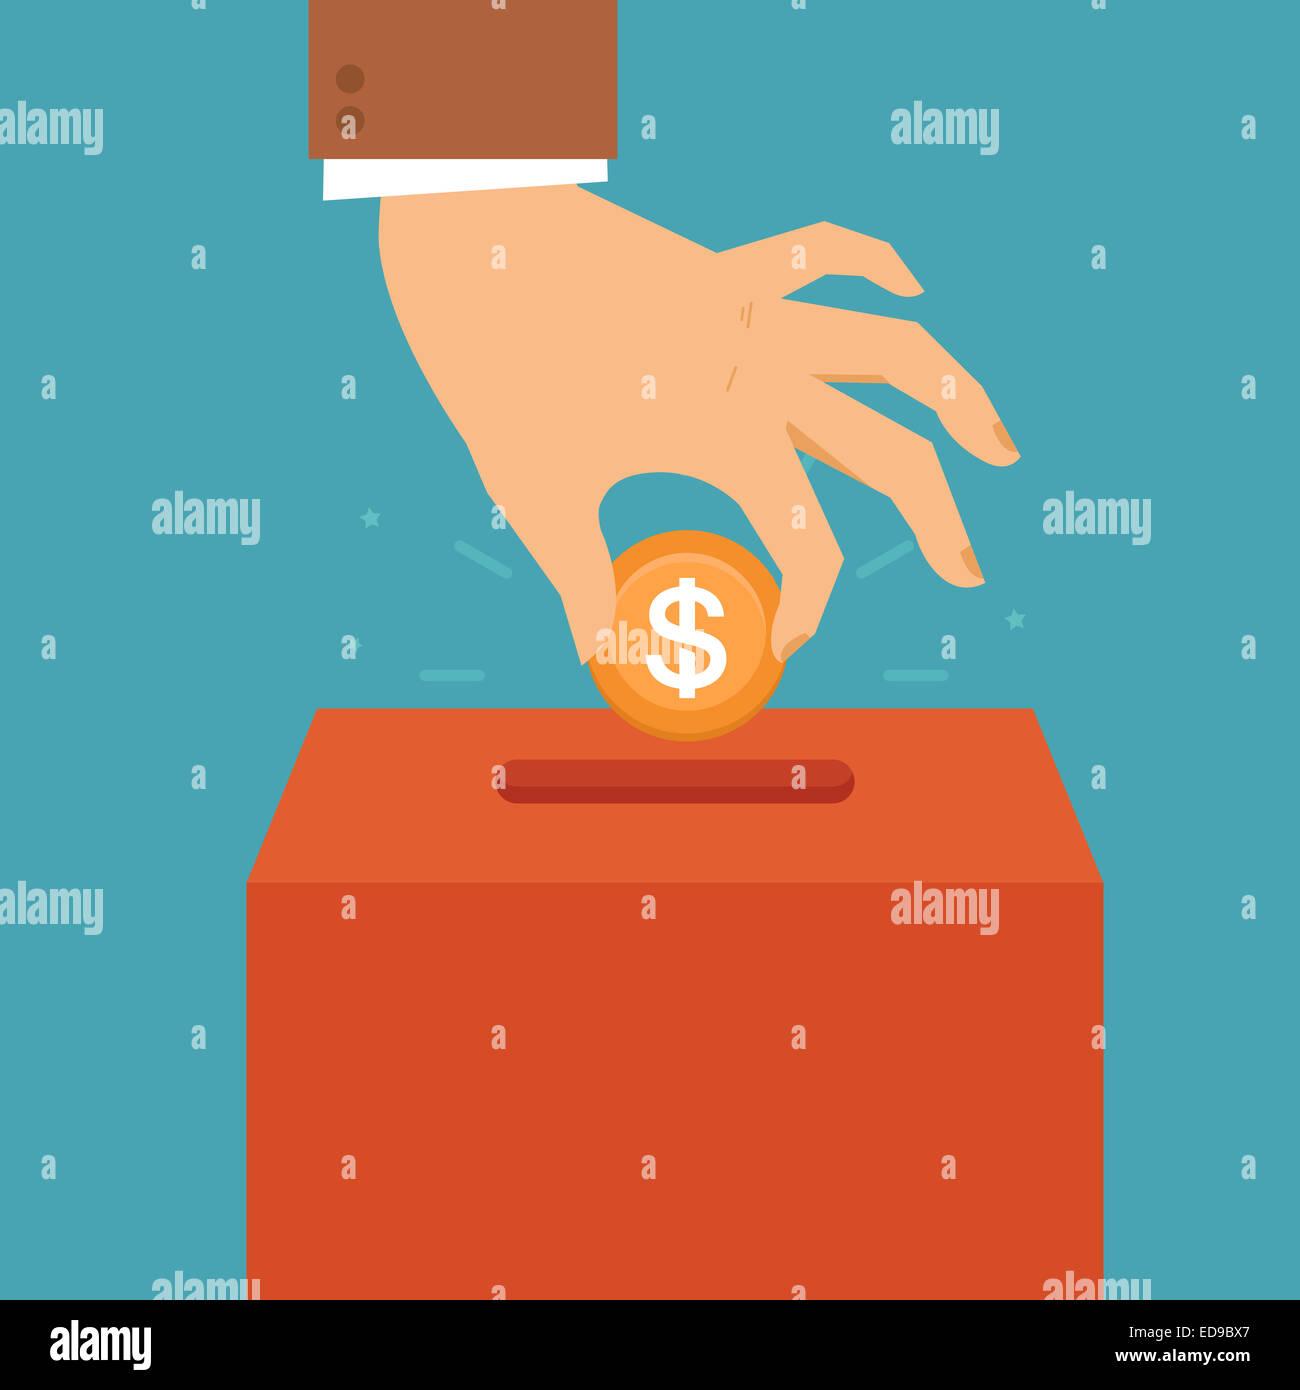 Spende-Konzept im flachen Stil - Hand, Münze in der Box für Wohltätigkeitsorganisation Stockbild